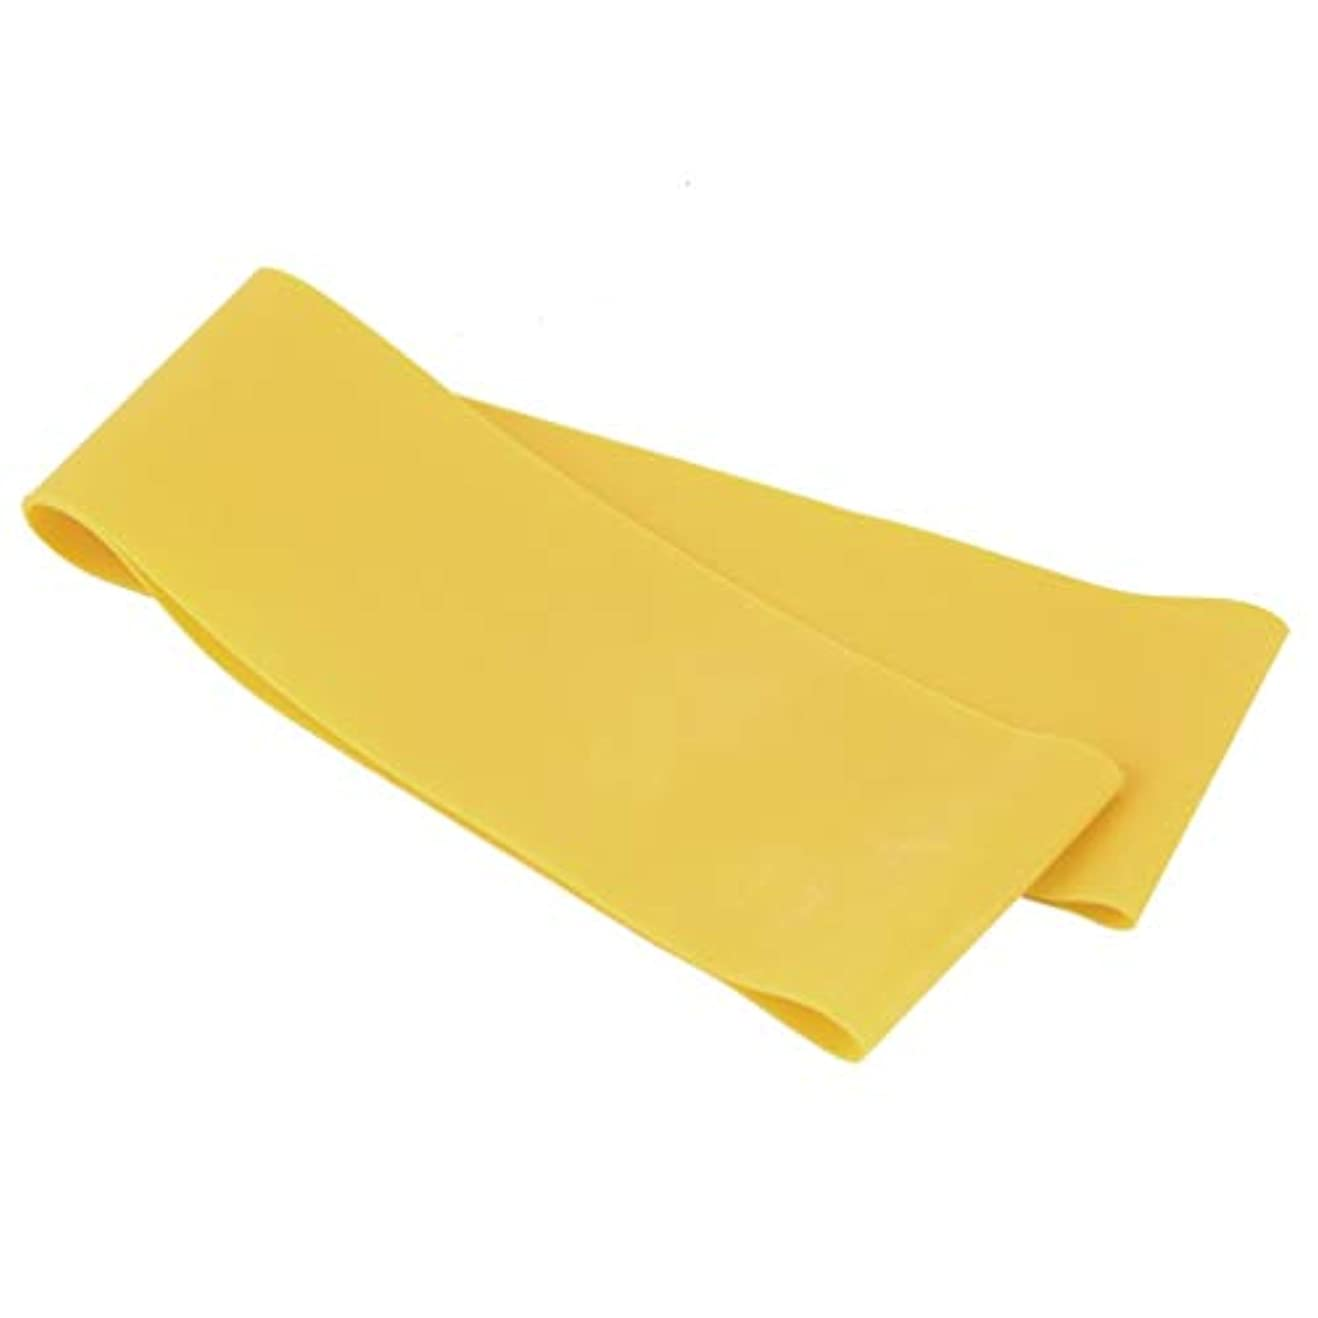 自動車外国人びっくりした滑り止めの伸縮性のあるゴム製伸縮性があるヨガのベルトバンド引きロープの張力抵抗バンドループ強さのためのフィットネスヨガツール - 黄色